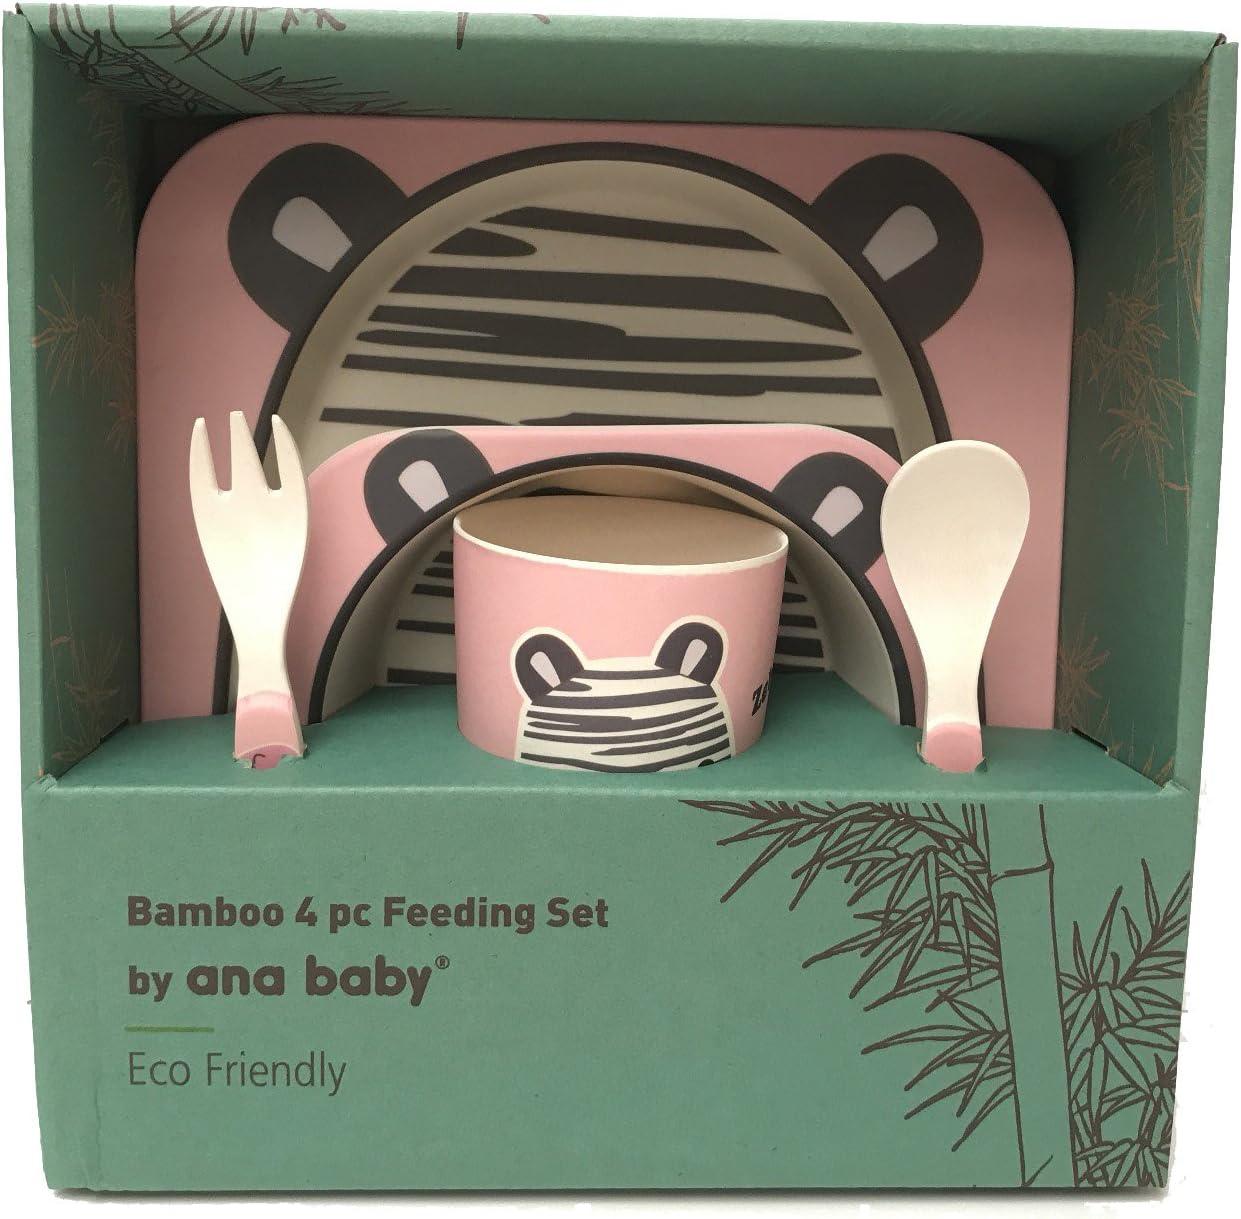 MAJFK Ensemble de vaisselle en Fiber de bambou enfant en bas /âge b/éb/é enfants alimentation mignon dessin anim/é voiture forme plaque plateau alimentaire tasse vaisselle d/îner ensemble de vaisselle,Rose